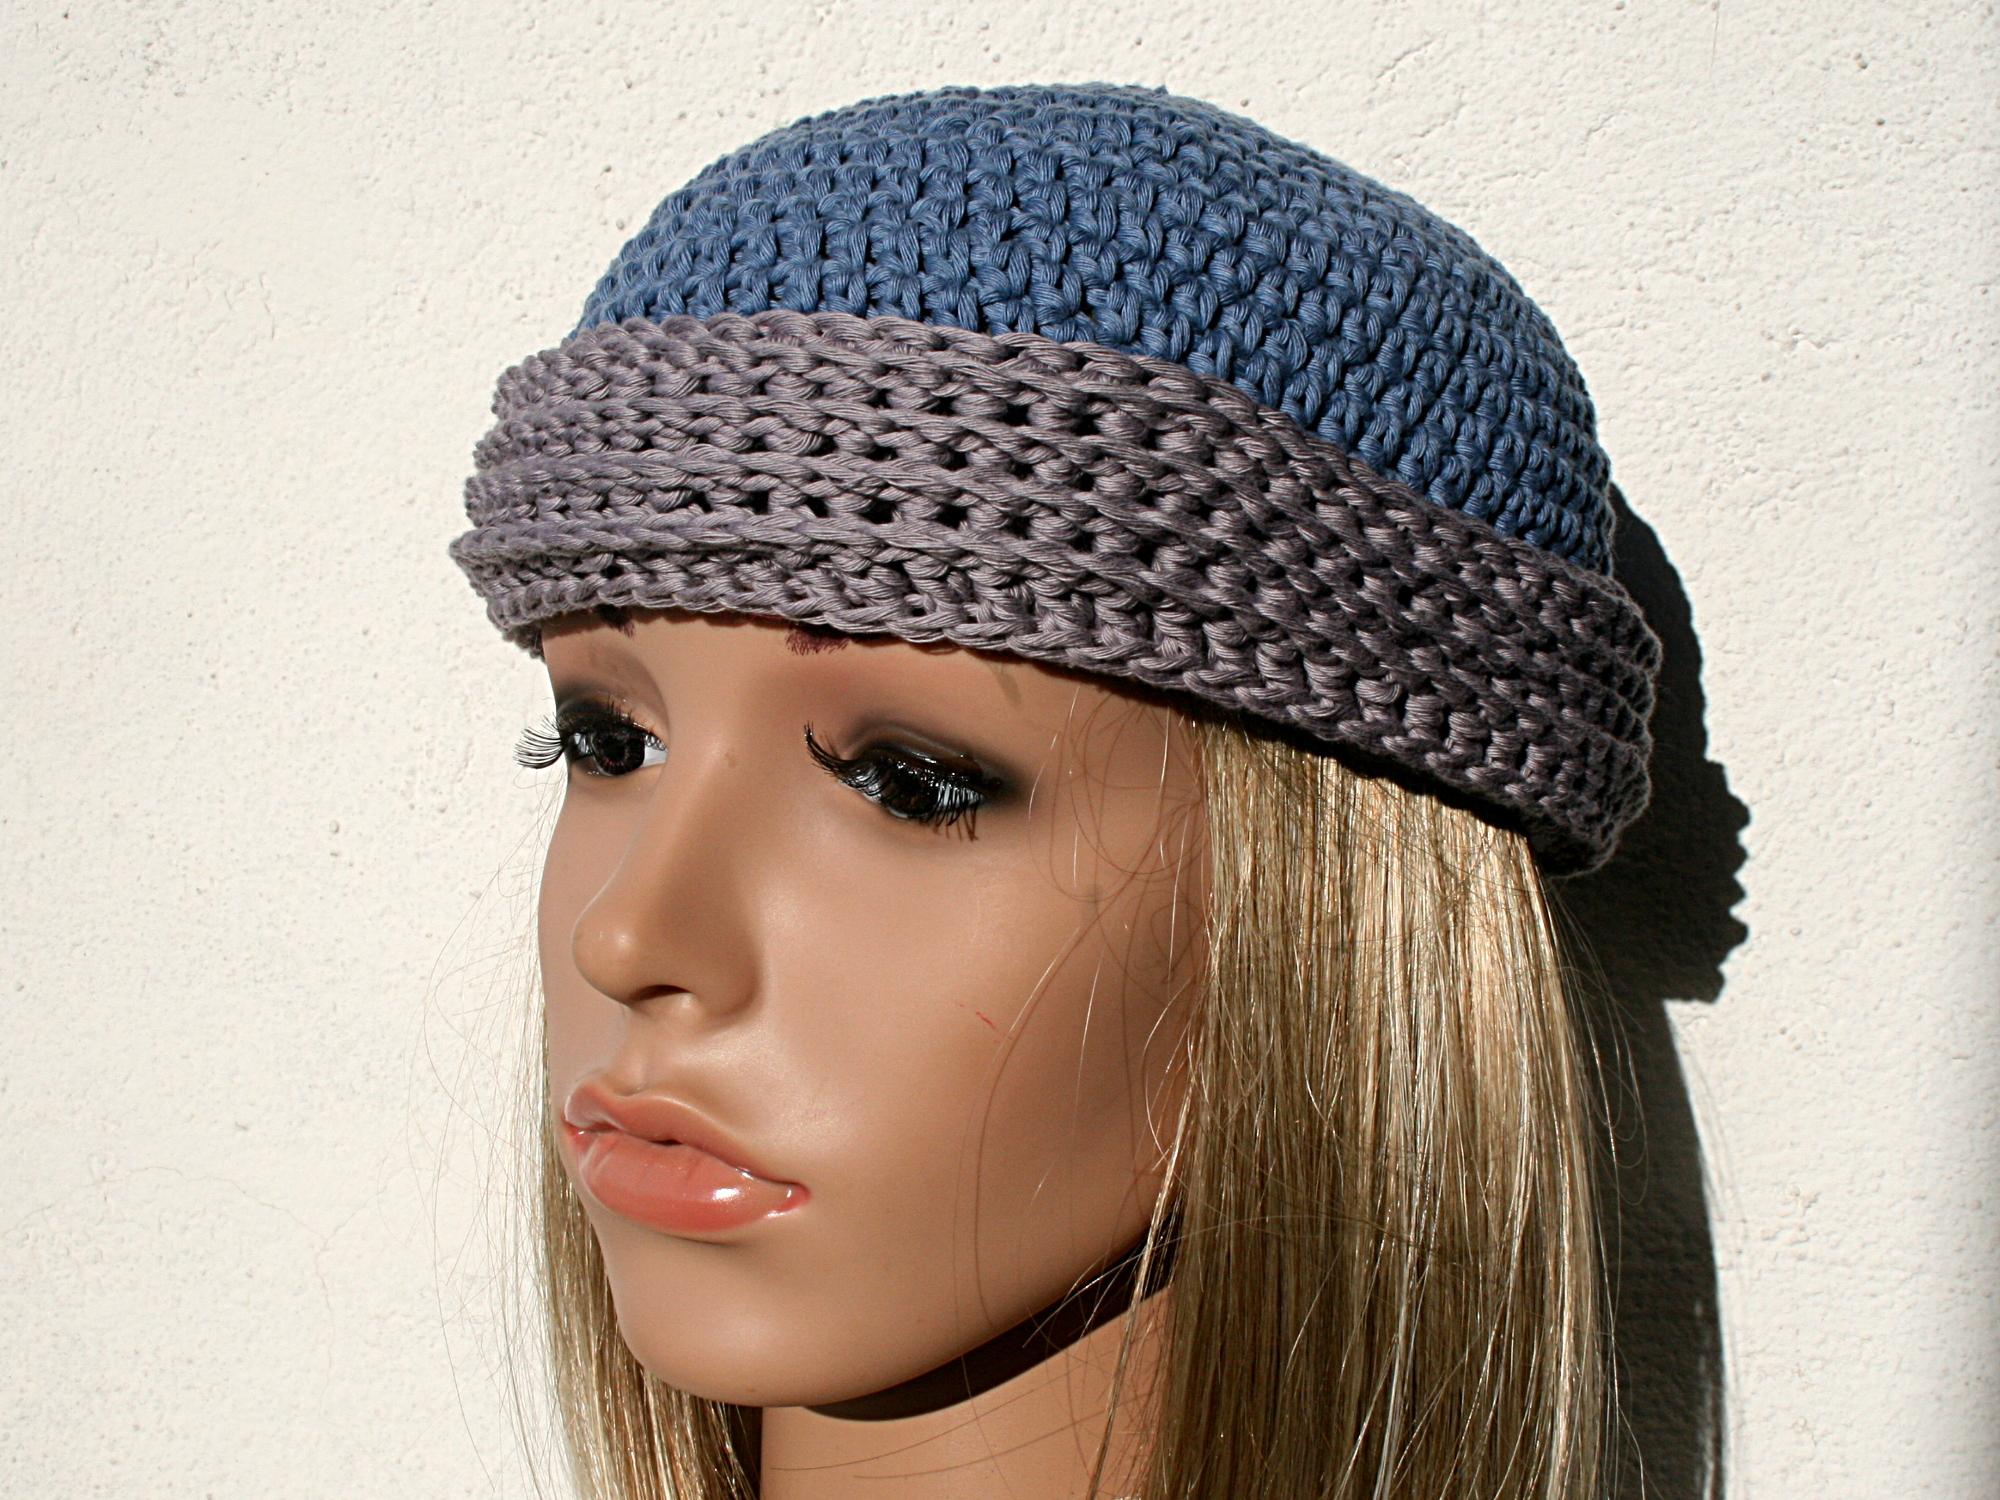 Petit bonnet au crochet, bord en côtes\u2026